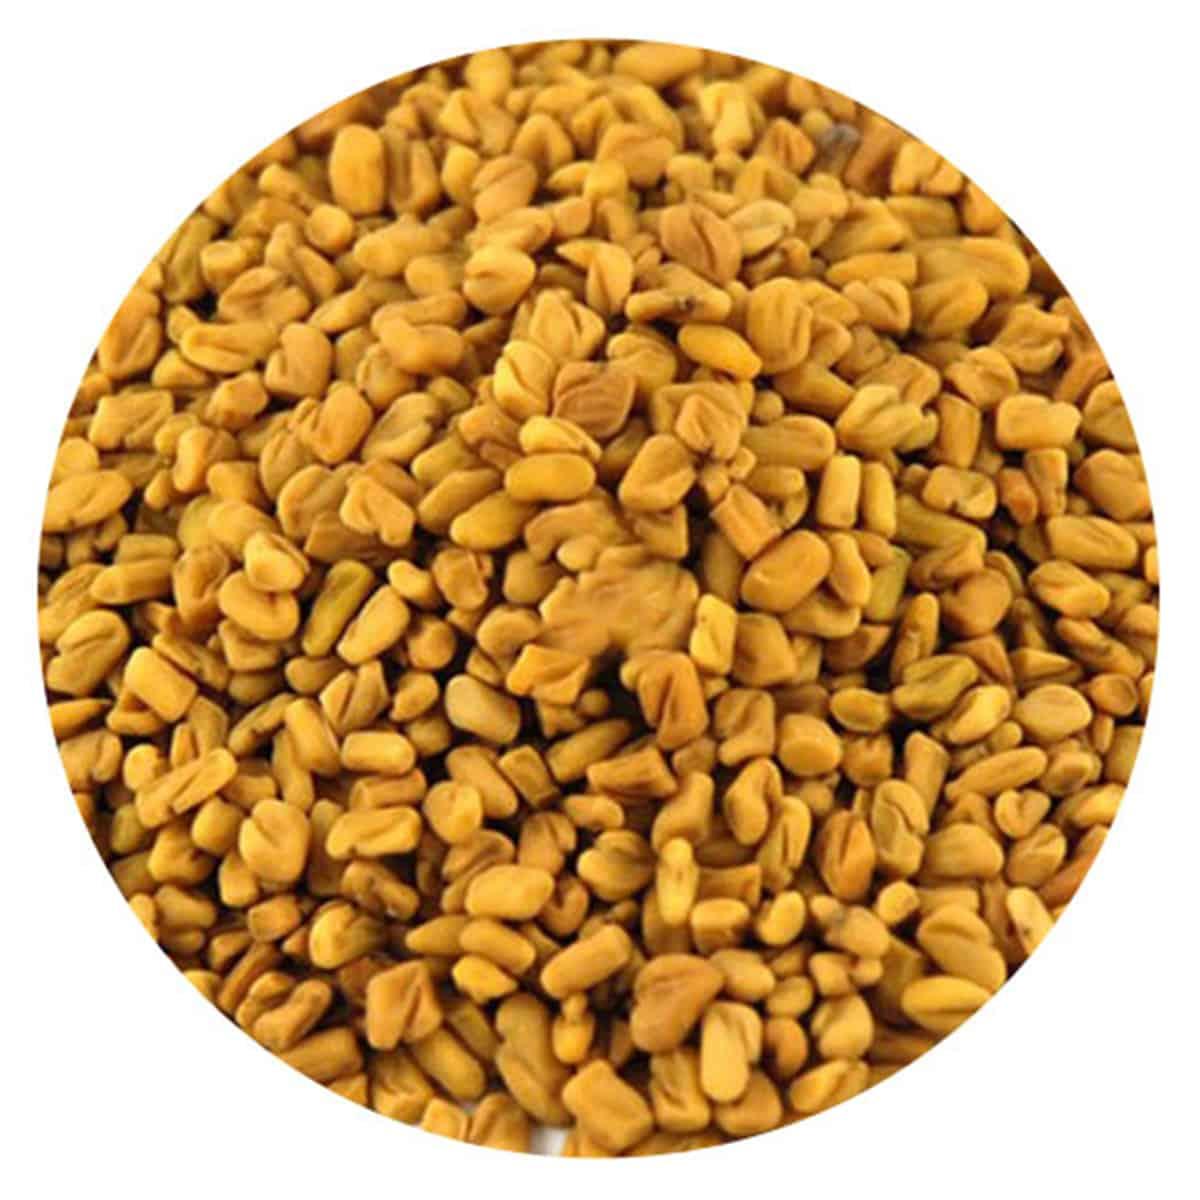 Buy IAG Foods Fenugreek Seeds (Methi) - 1 kg